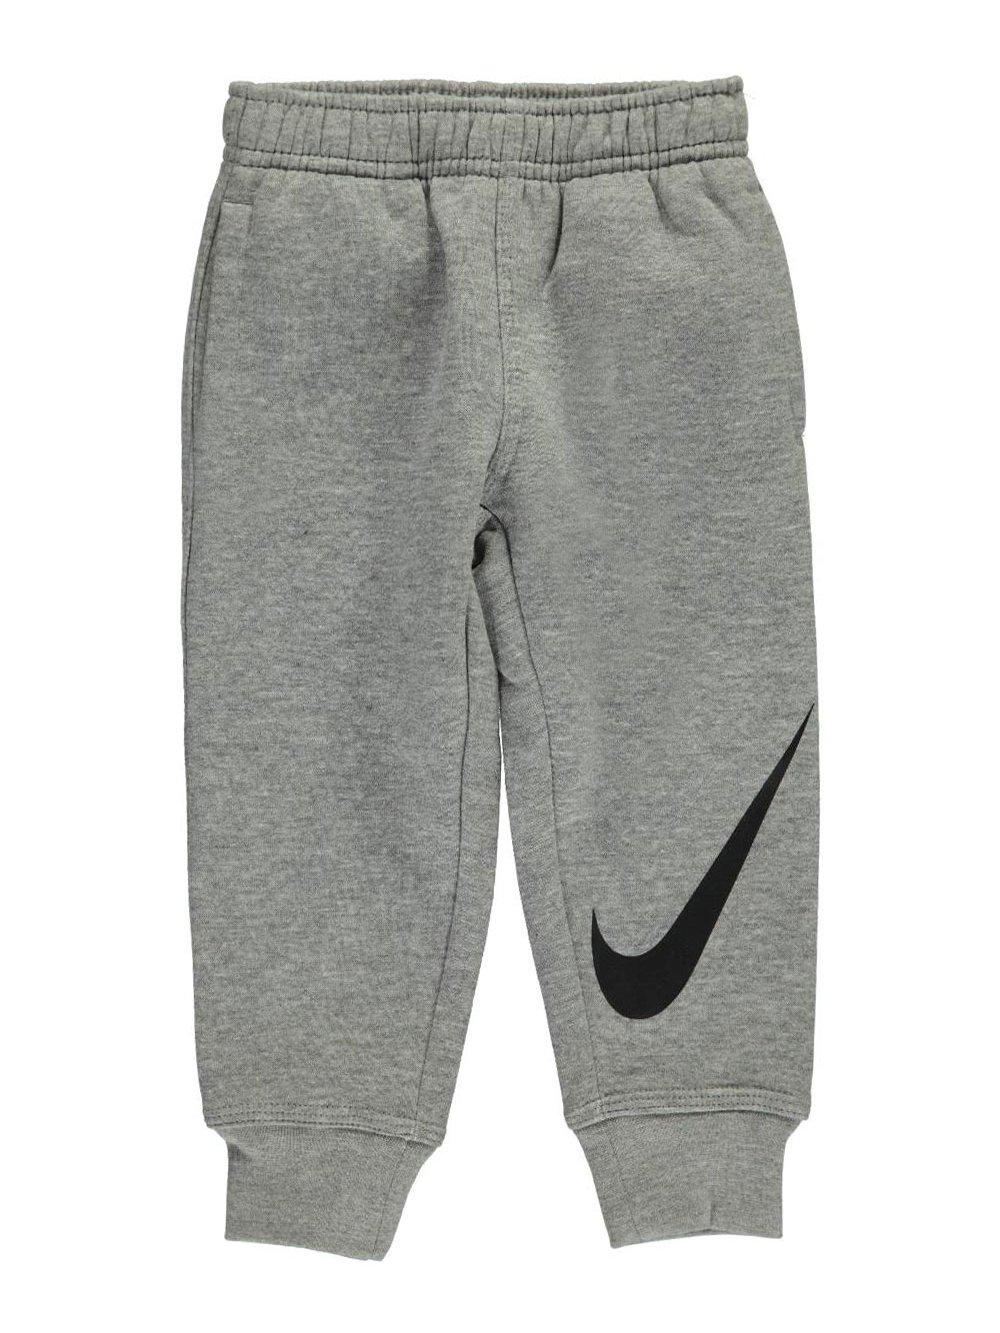 Nike Little Boys Toddler Jogger Pants (Sizes 2T - 4T) - dark gray, 2t